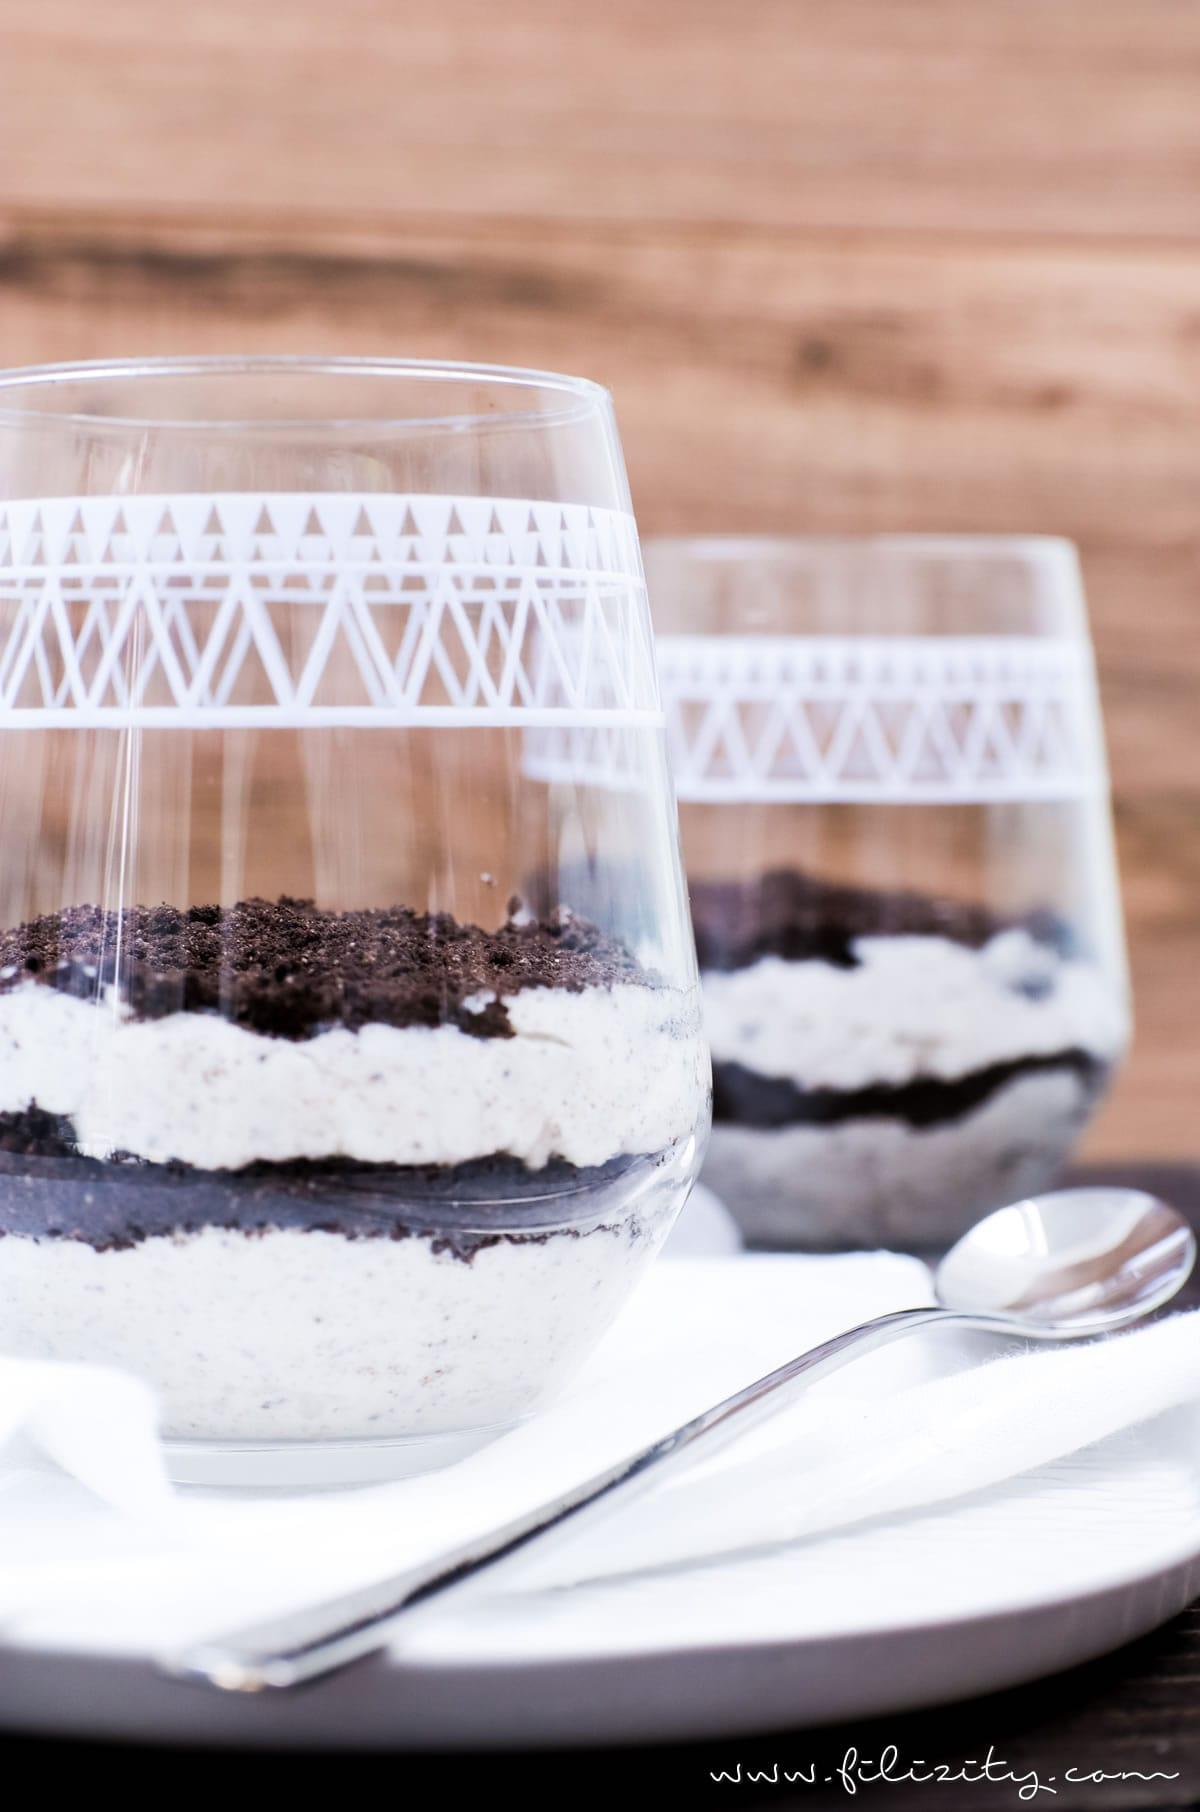 Rezept für No bake Oreo Cheesecake Schichtdessert im Glas | Filizity.com | Food-Blog aus dem Rheinland #oreo #cheesecake #dessert